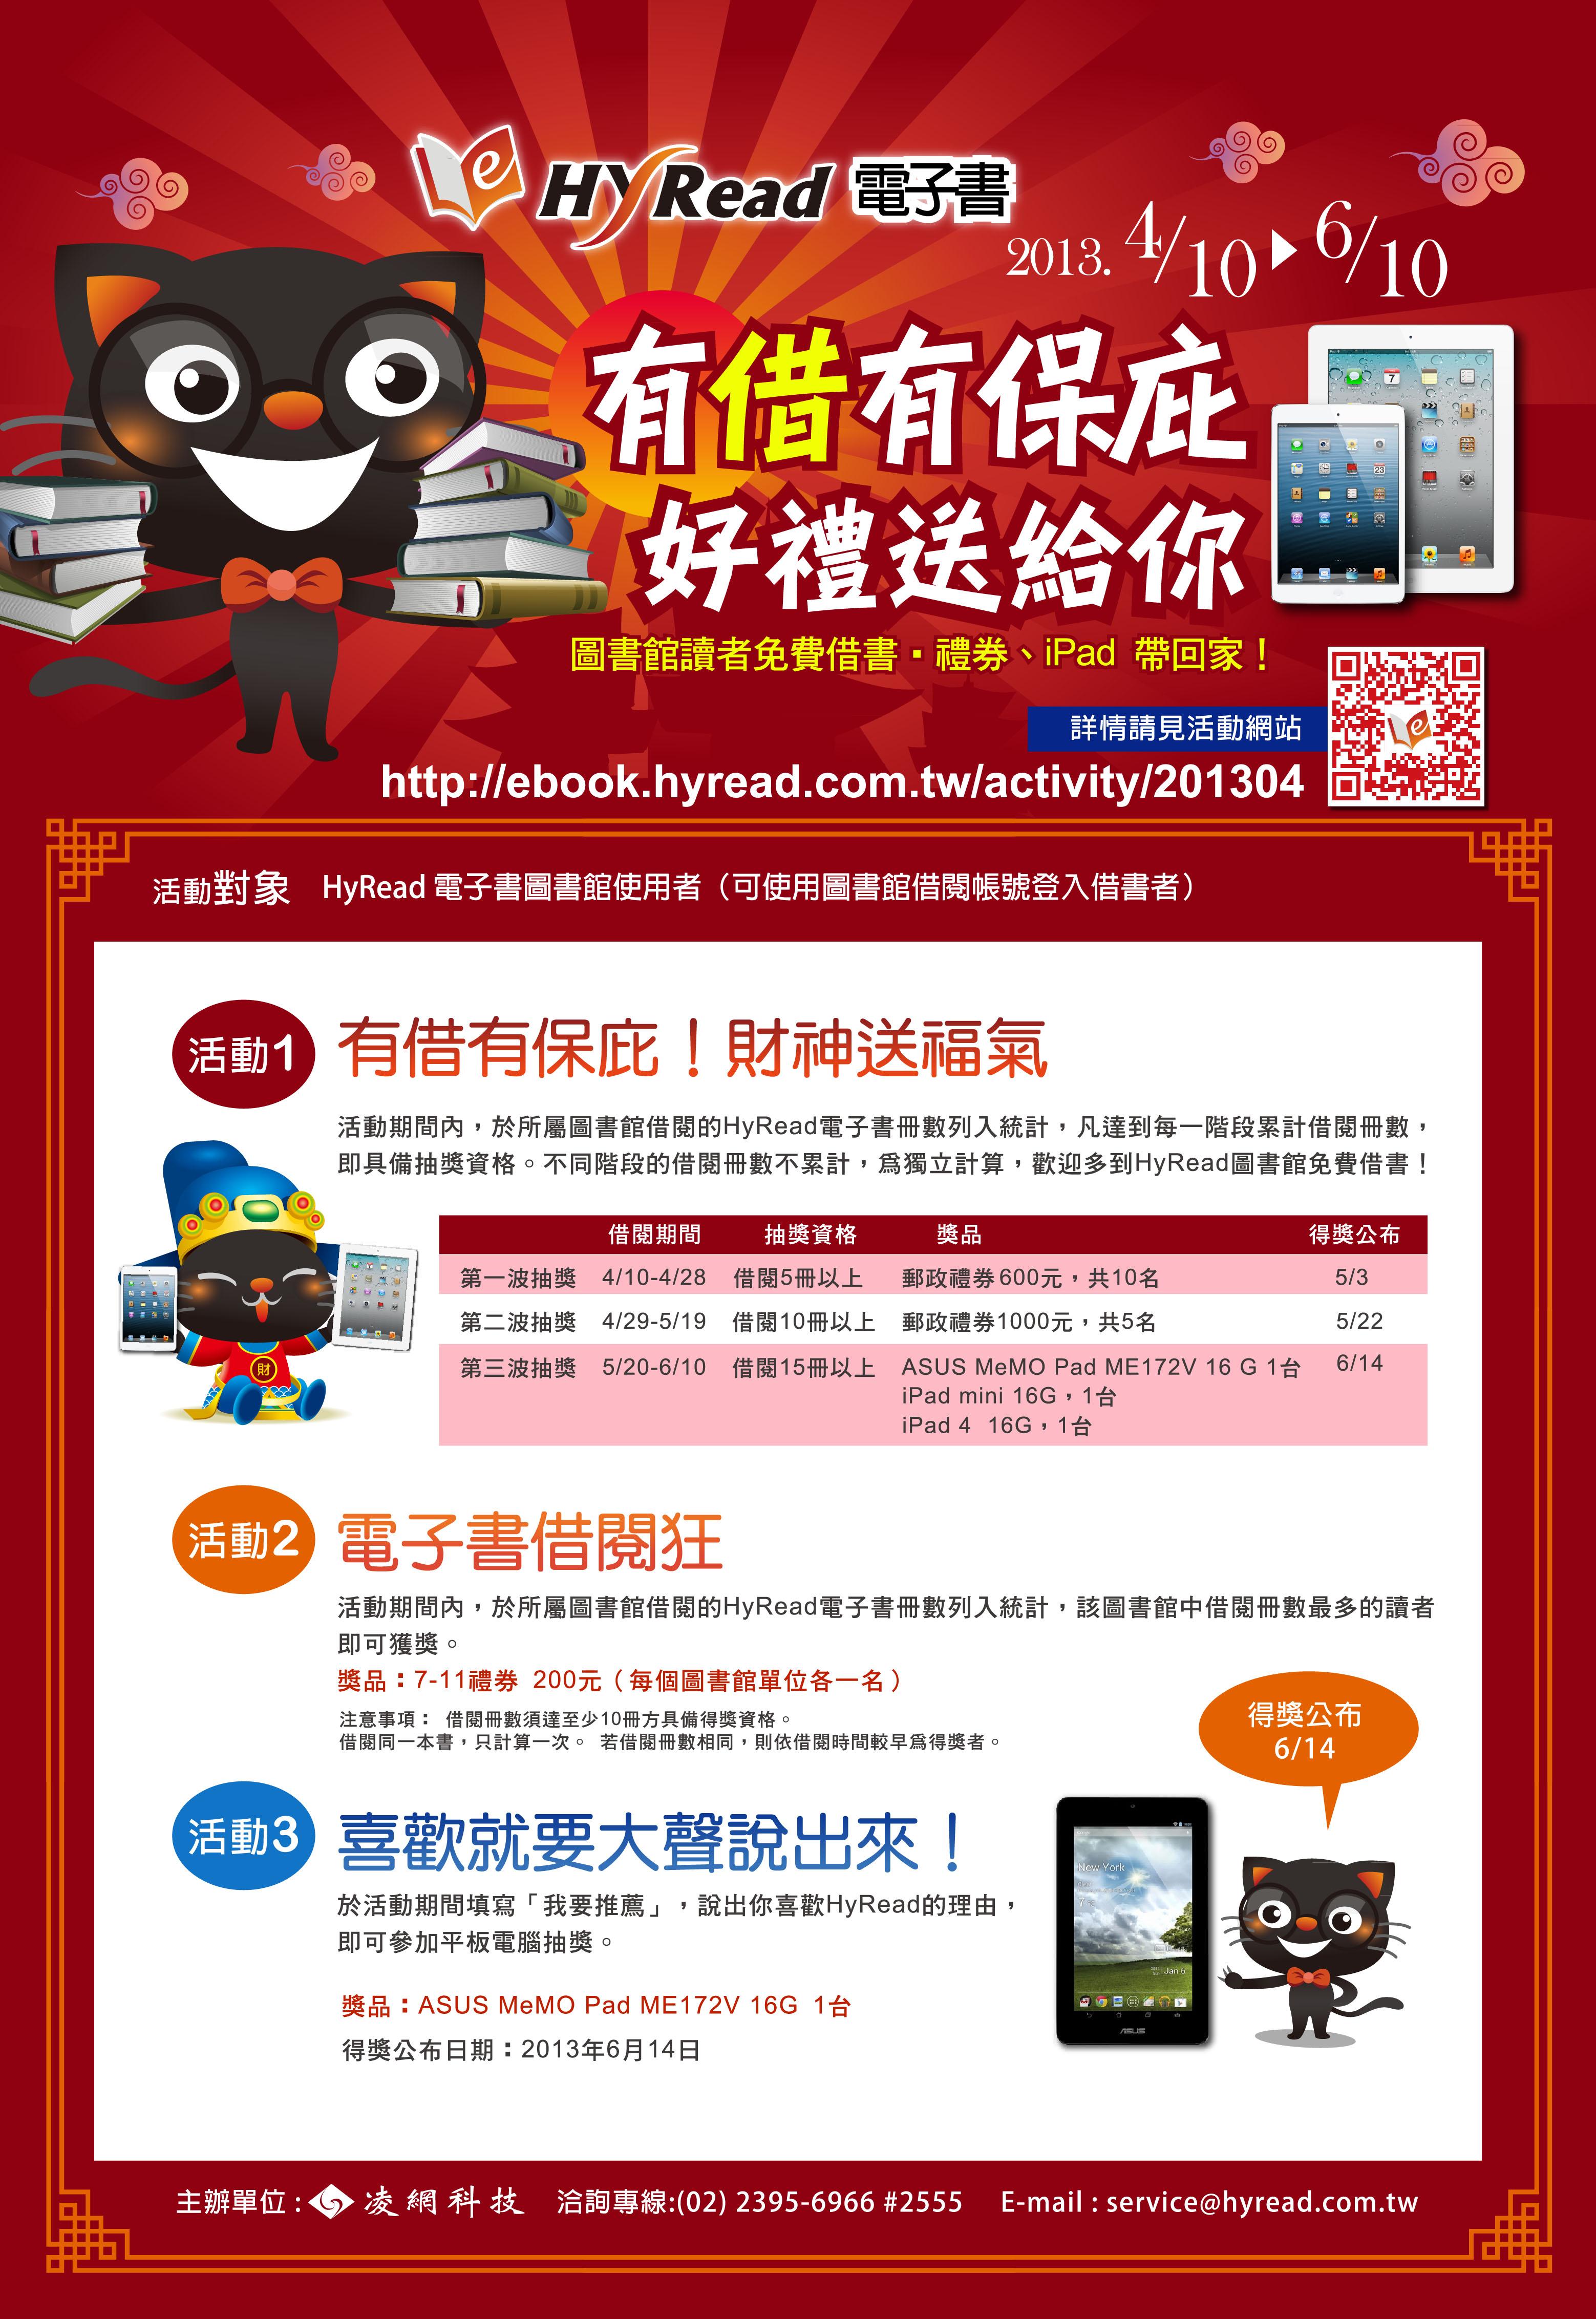 中华科技大学图书馆--艺文活动